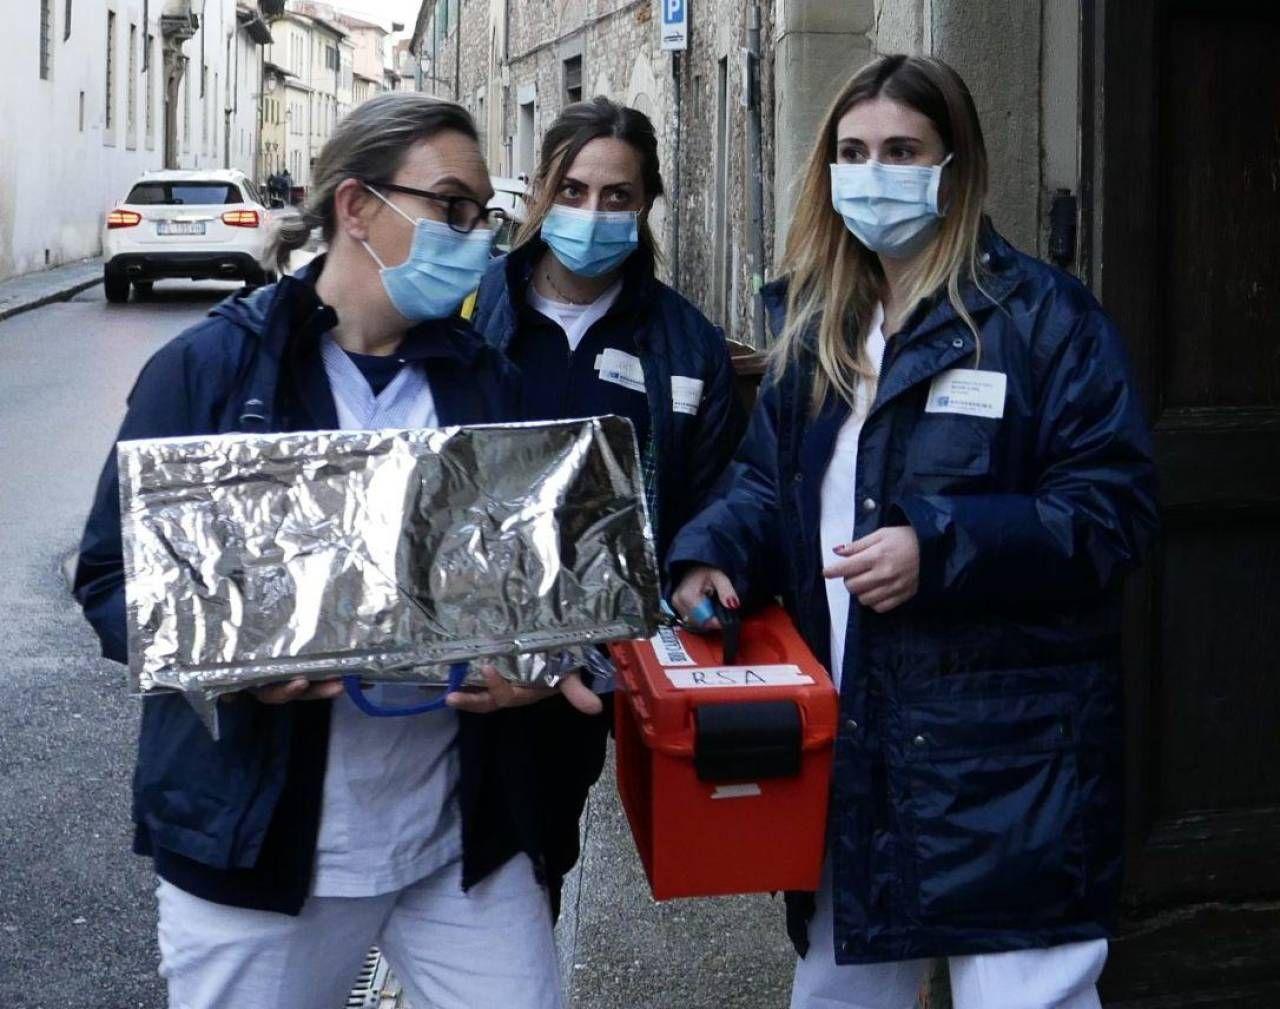 La squadra Asl dedicata ai vaccini arriva al Santa Catedina dè Ricci: era il 30 dicembre 2020 (Foto Attalmi)